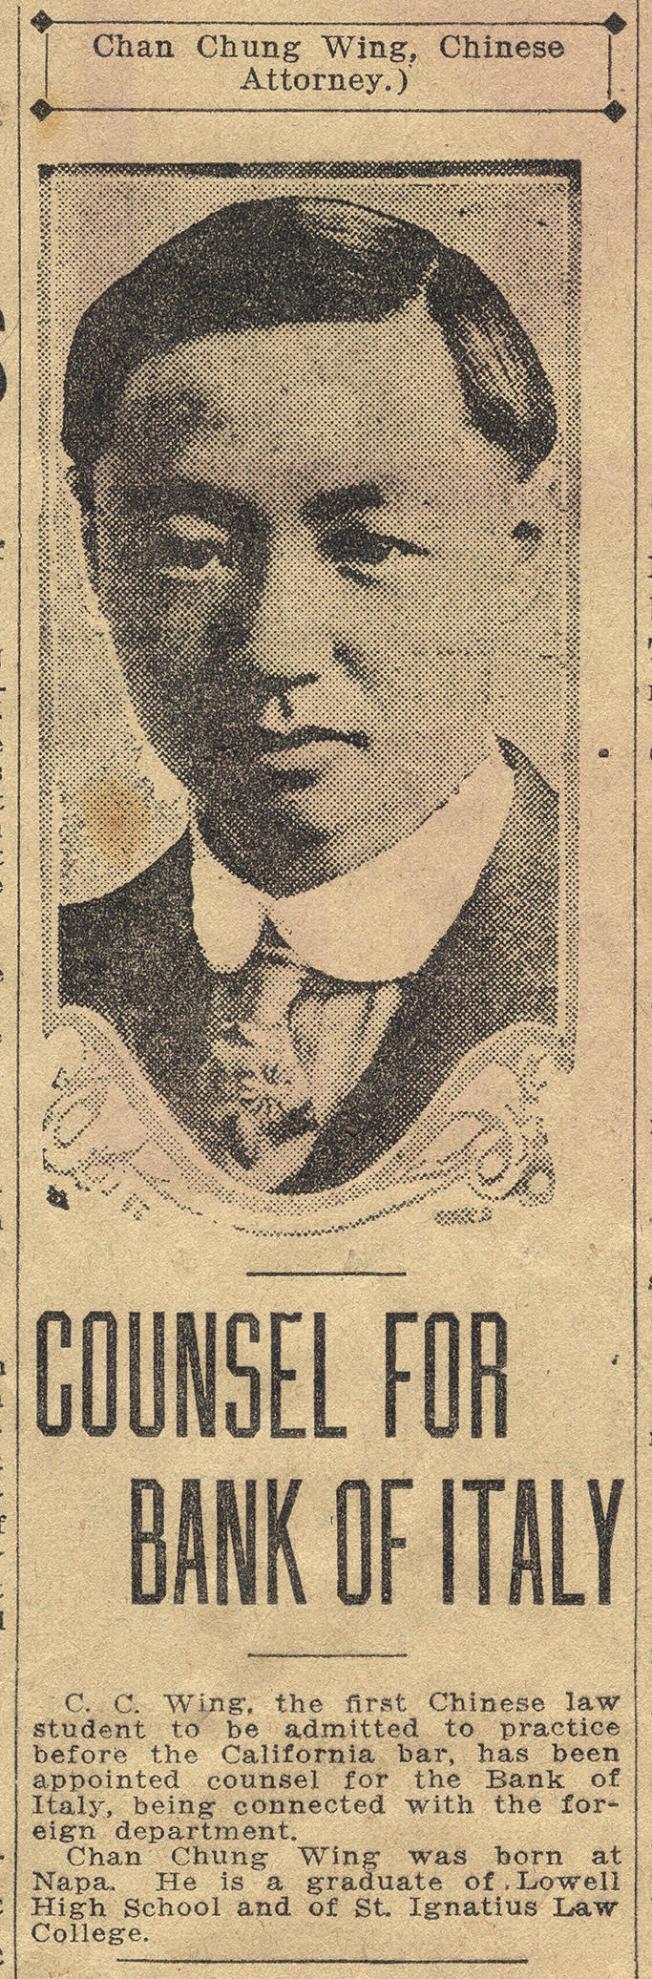 1918年通过律师执照考试的陈春荣,是旧金山史上首位华裔律师,英文报章也有报道。(美国《世界日报》/陈舜英供图)